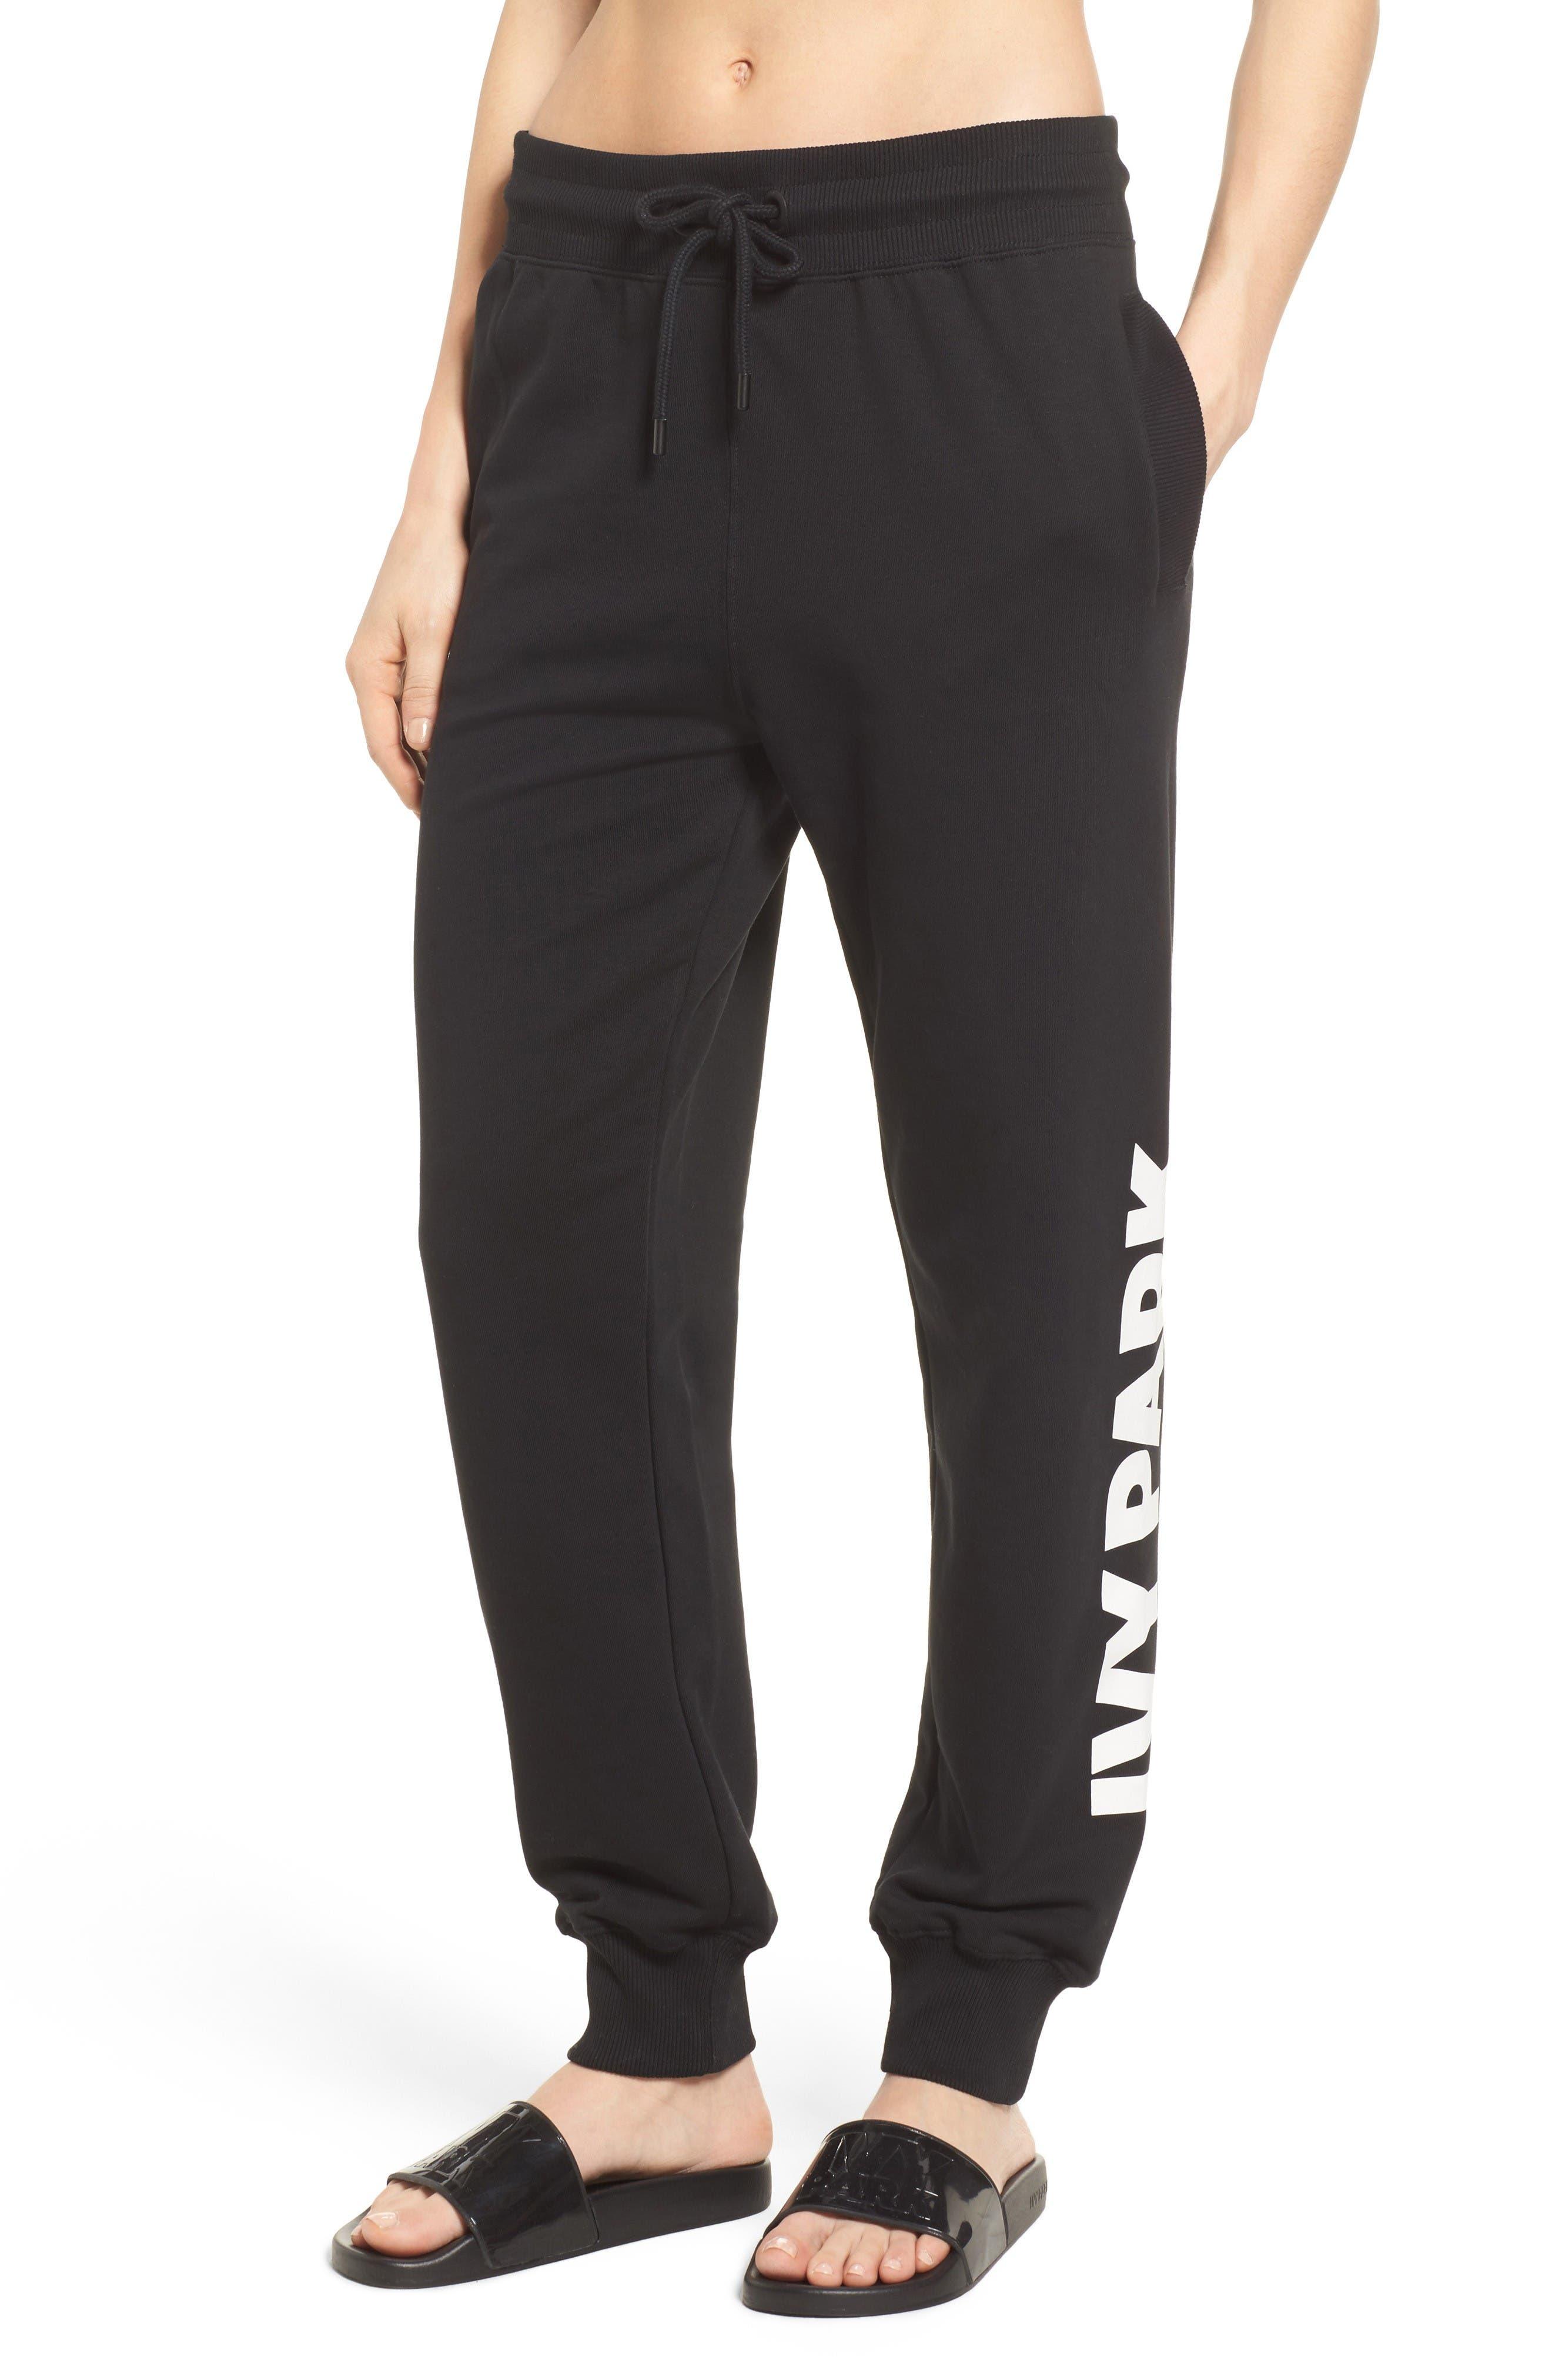 Main Image - IVY PARK® Logo Jogger Pants